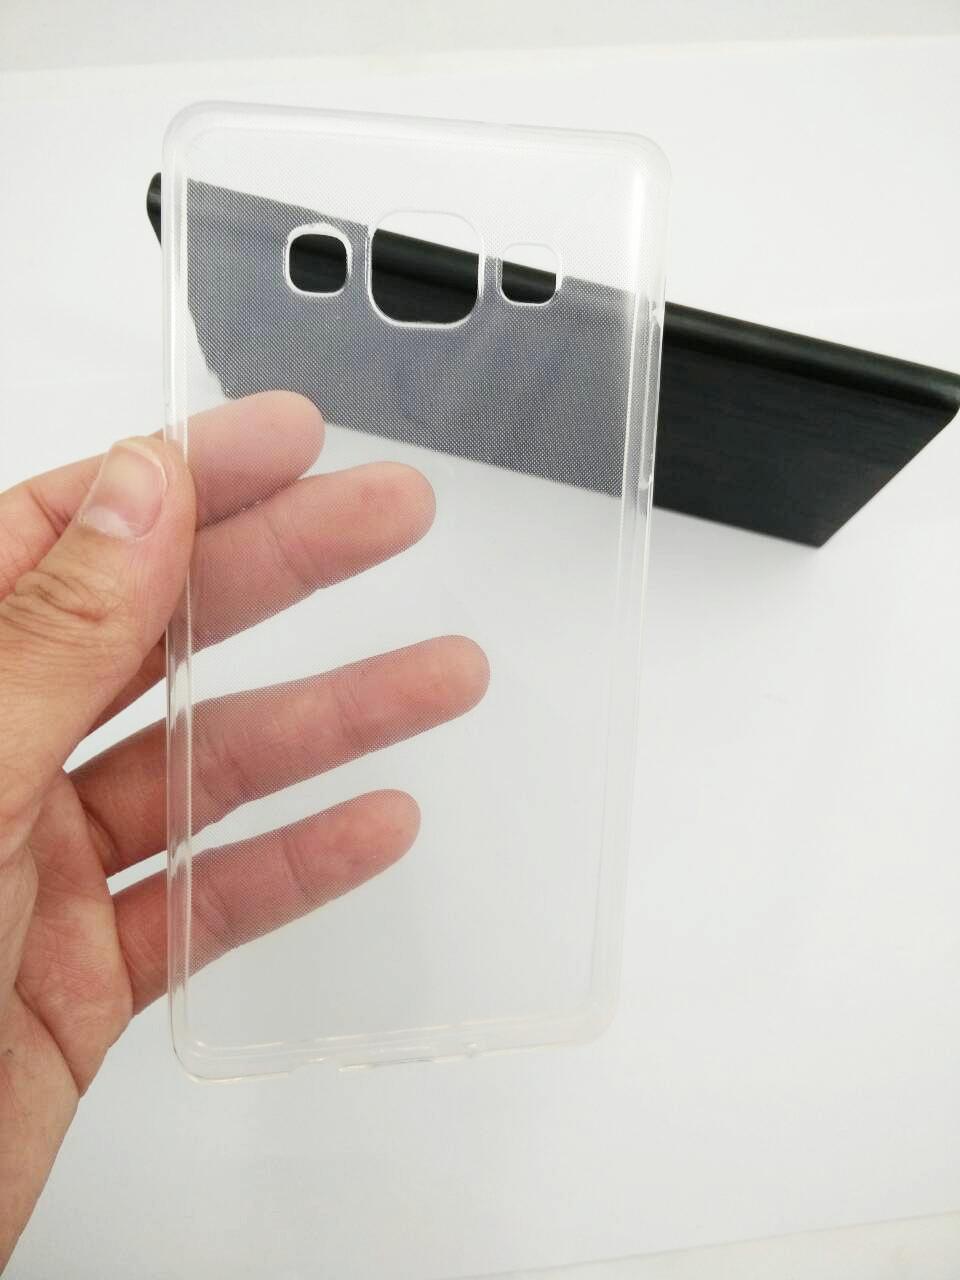 เคส Samsung A3 เคสซัมซุงเอ3 เคสซัมซุงA3 เคสแบบซิลิโคลนนิ่มฝาหลังใส โชว์เครื่องสวย